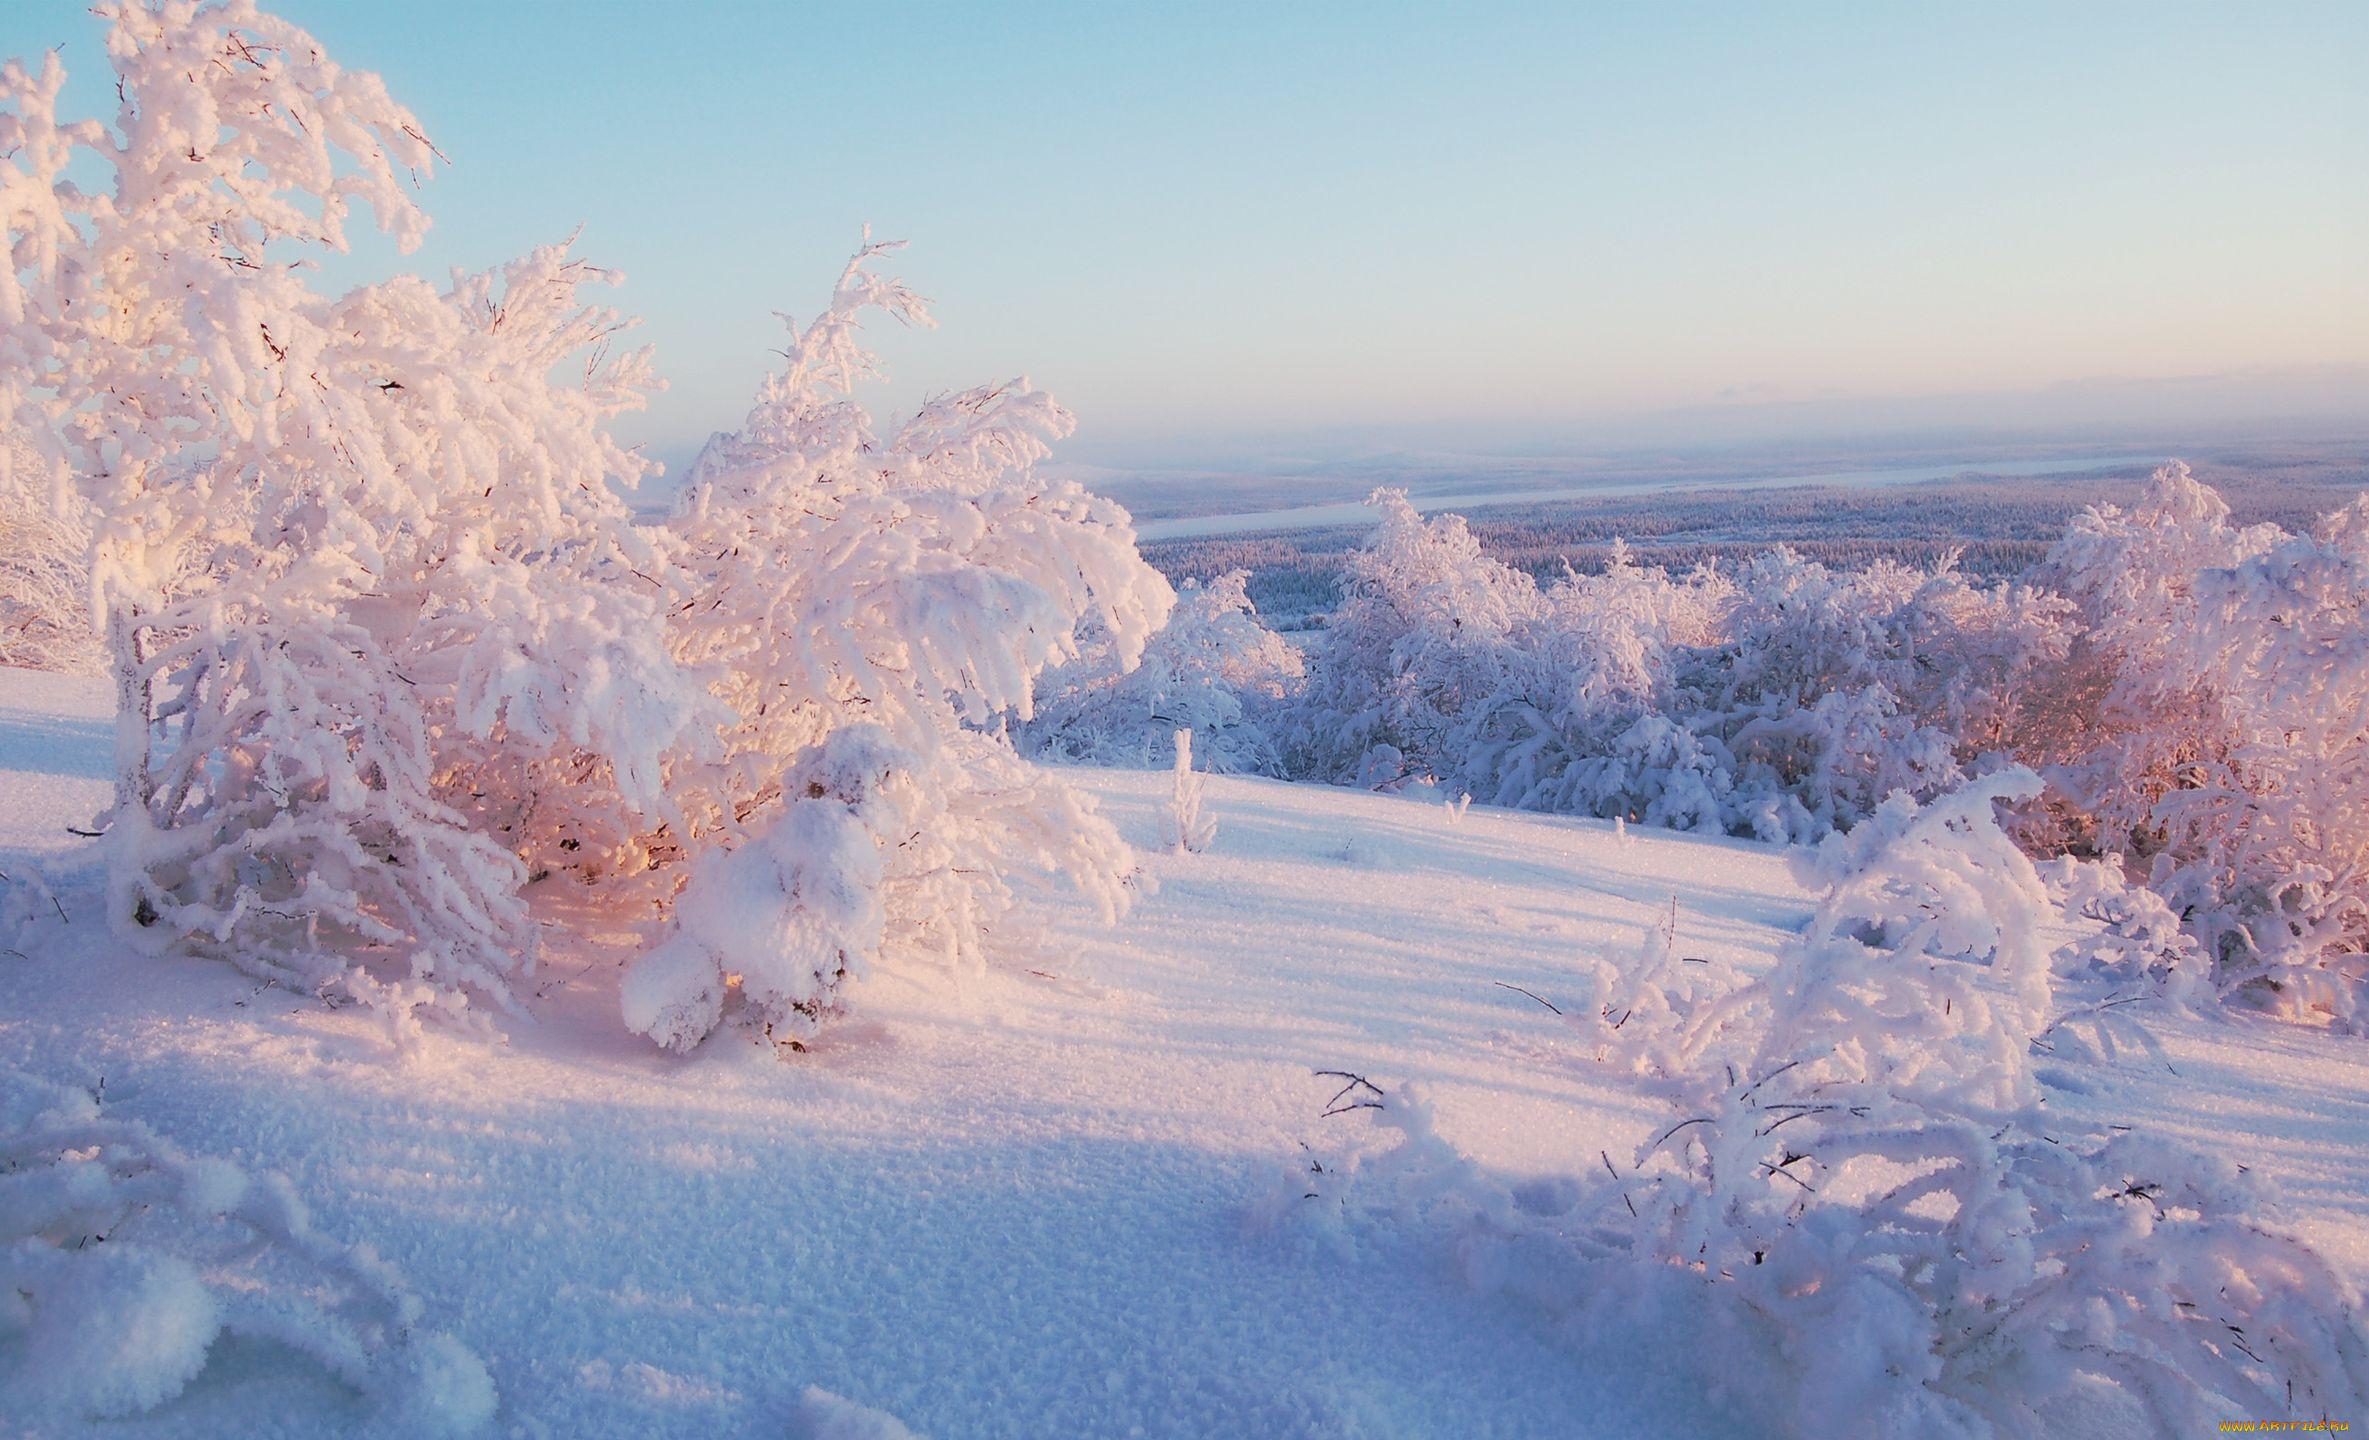 мнению зимний пейзаж фото высокого разрешения шарики